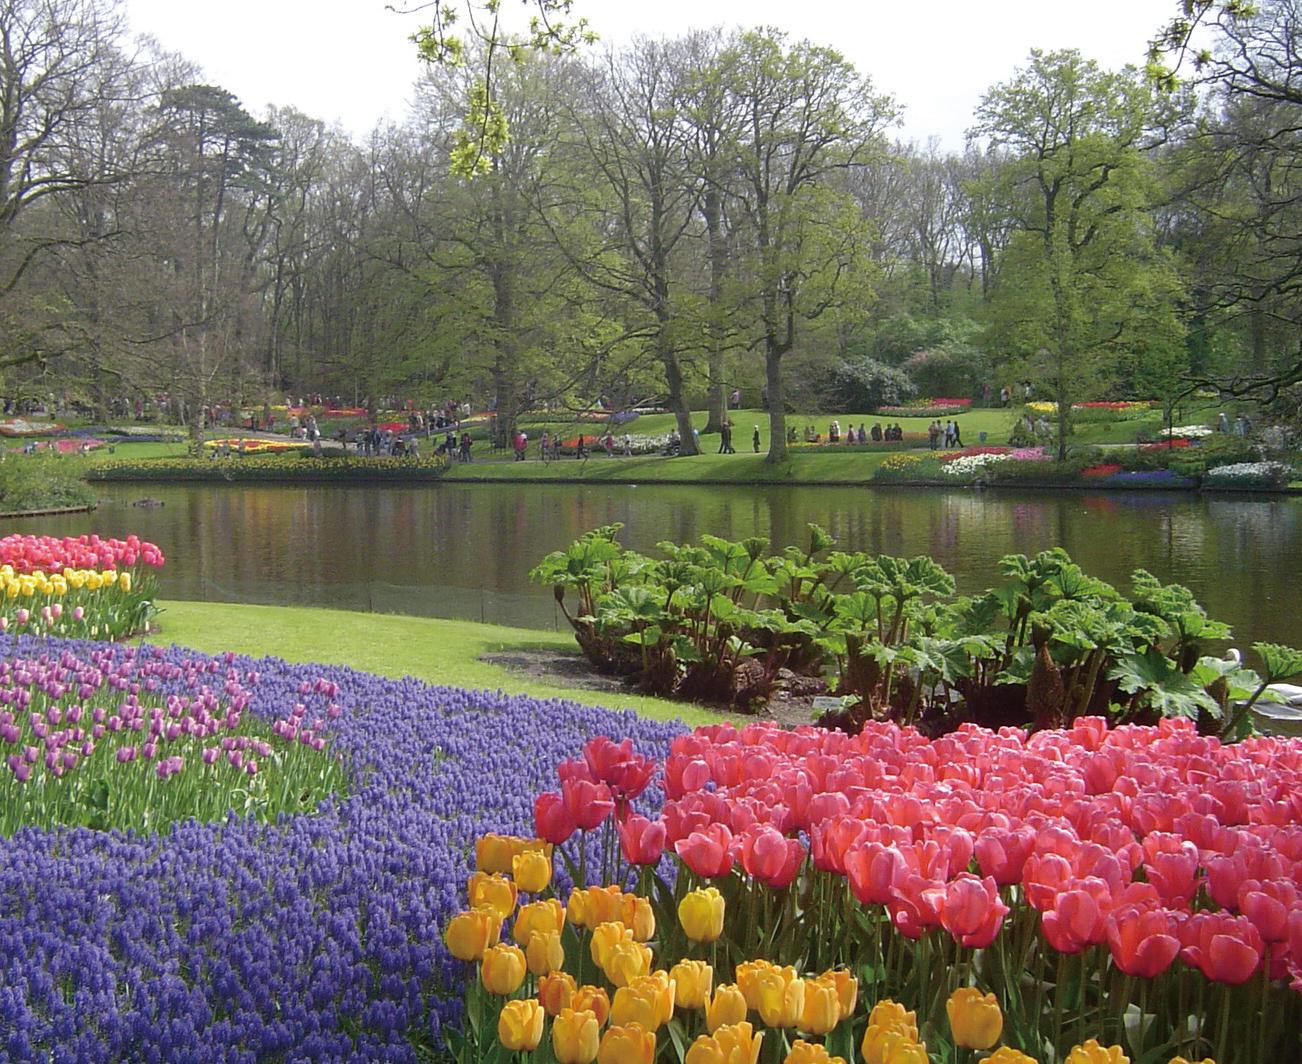 チューリップ、ヒヤシンス、スイセンなど約4000種類、数百万本の球根花が林床に植え付けられた、春らしい色彩と香りあふれるキューケンホフ公園(オランダ)